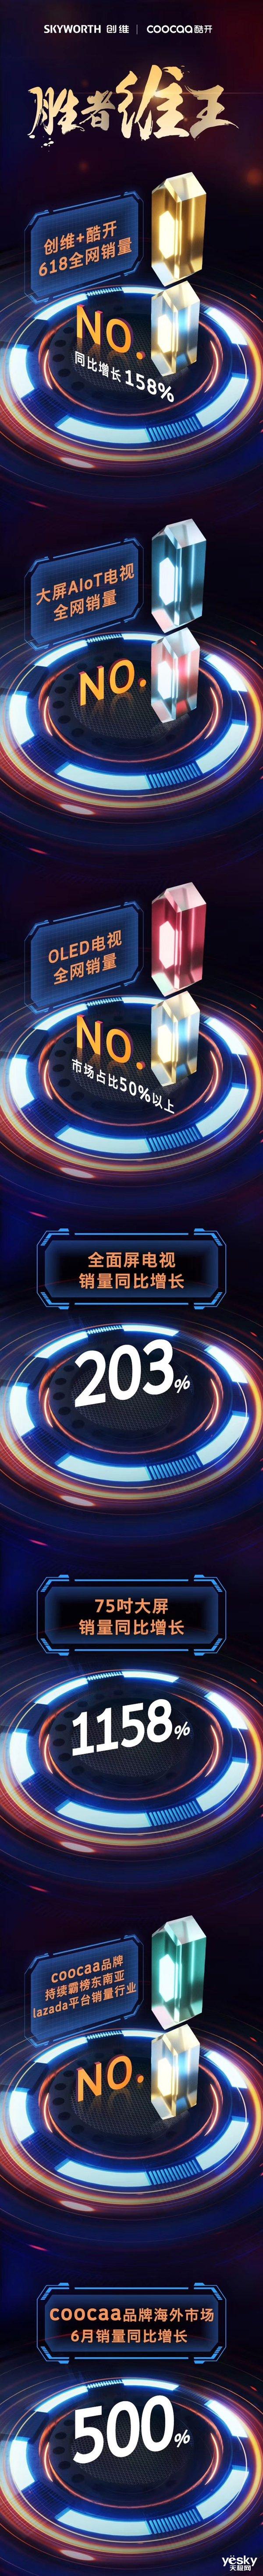 618彩电战报 创维+酷开全网销售第一